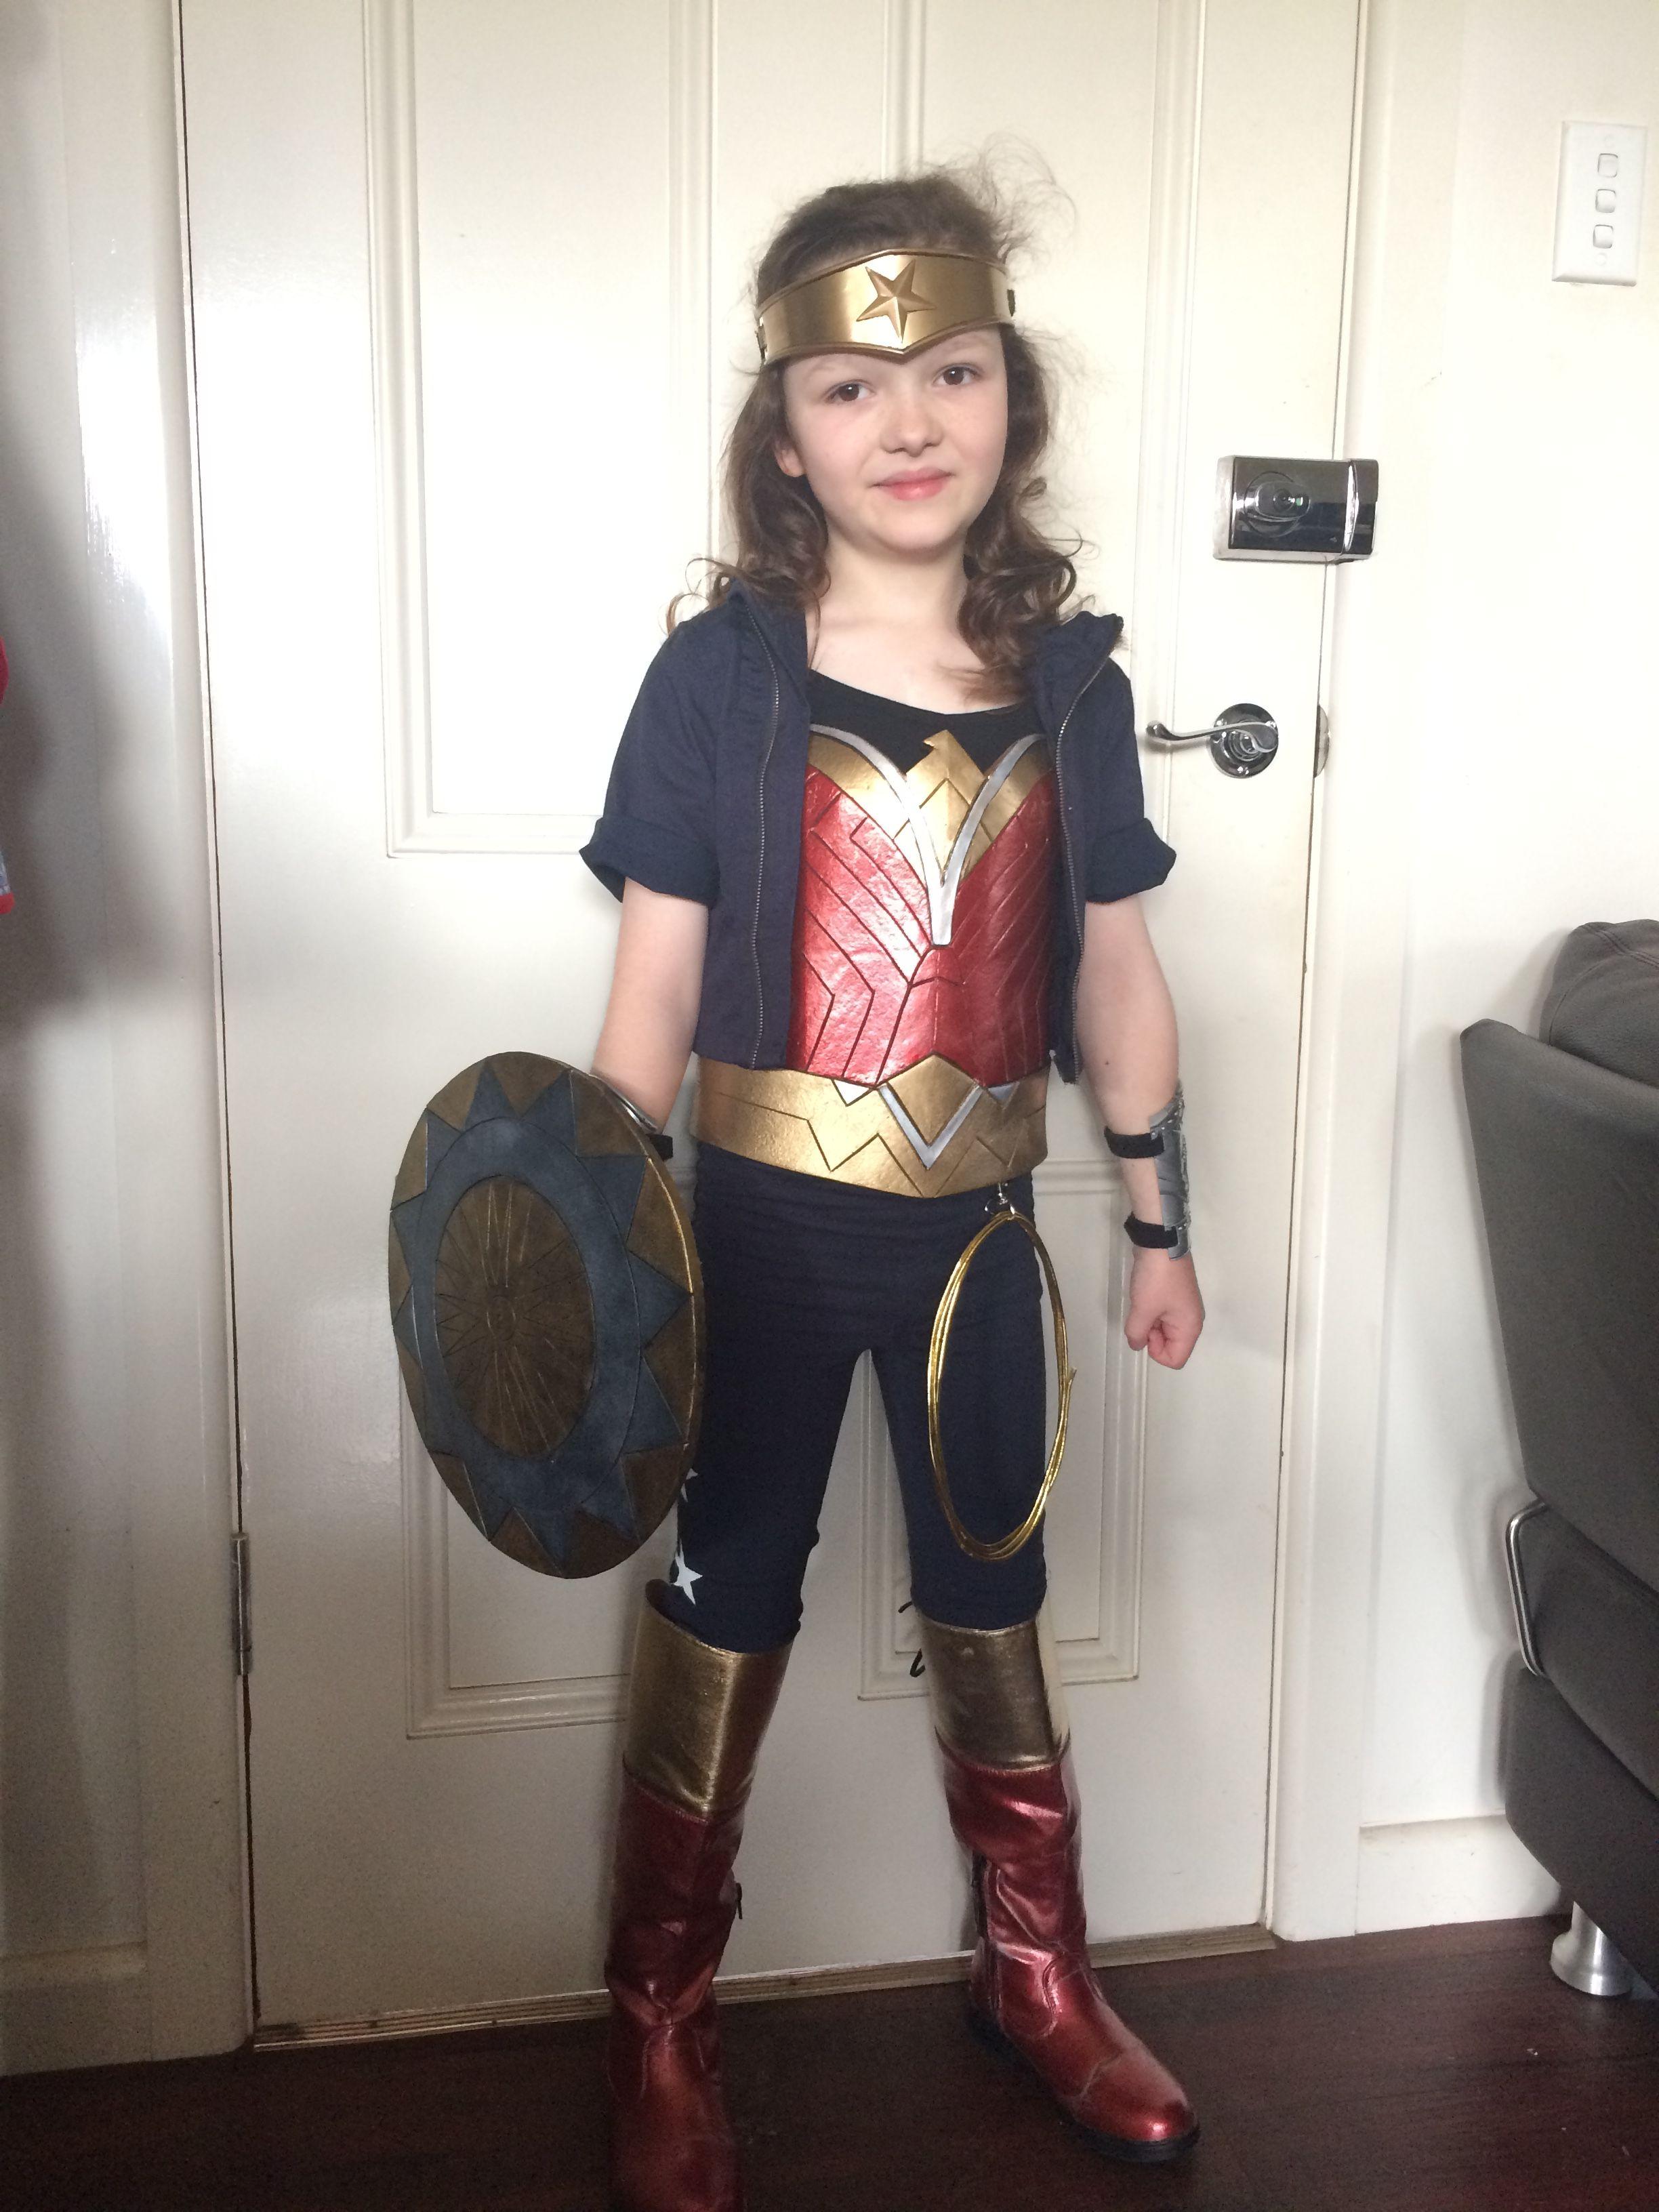 Wonder Woman Halloween Costume Kids.Wonder Woman Kids Costume For Book Week Halloween Birthday Diy